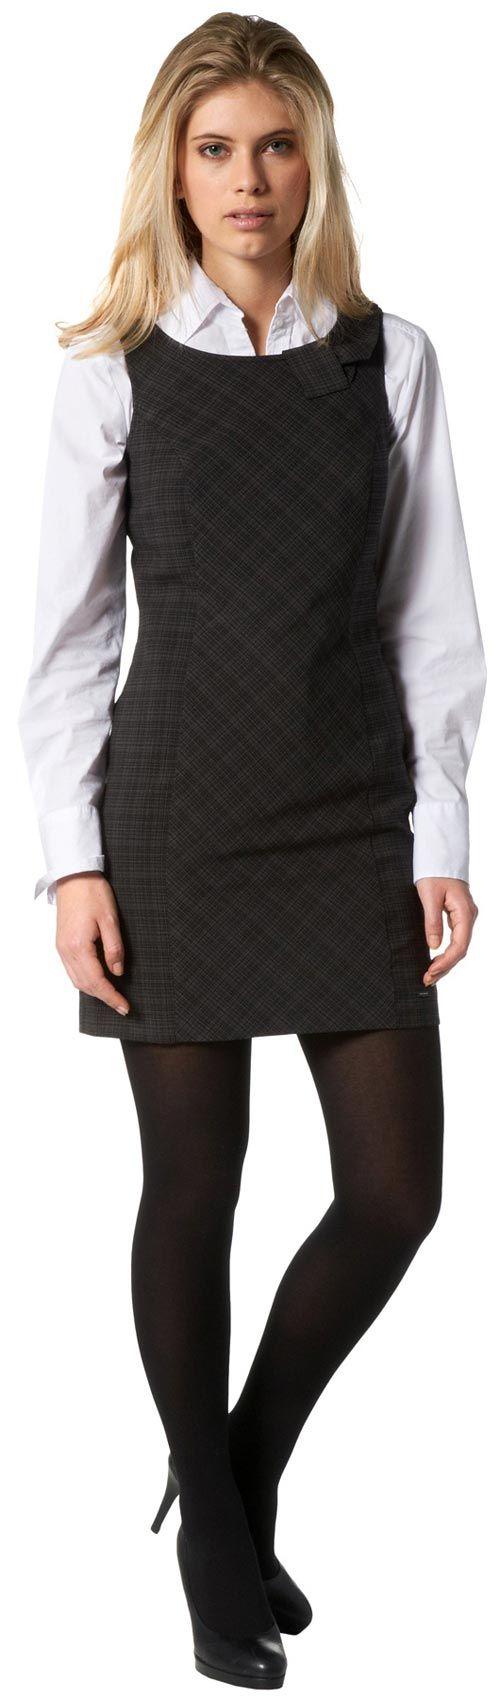 Pichi negro Tom Tailor Invierno 2012